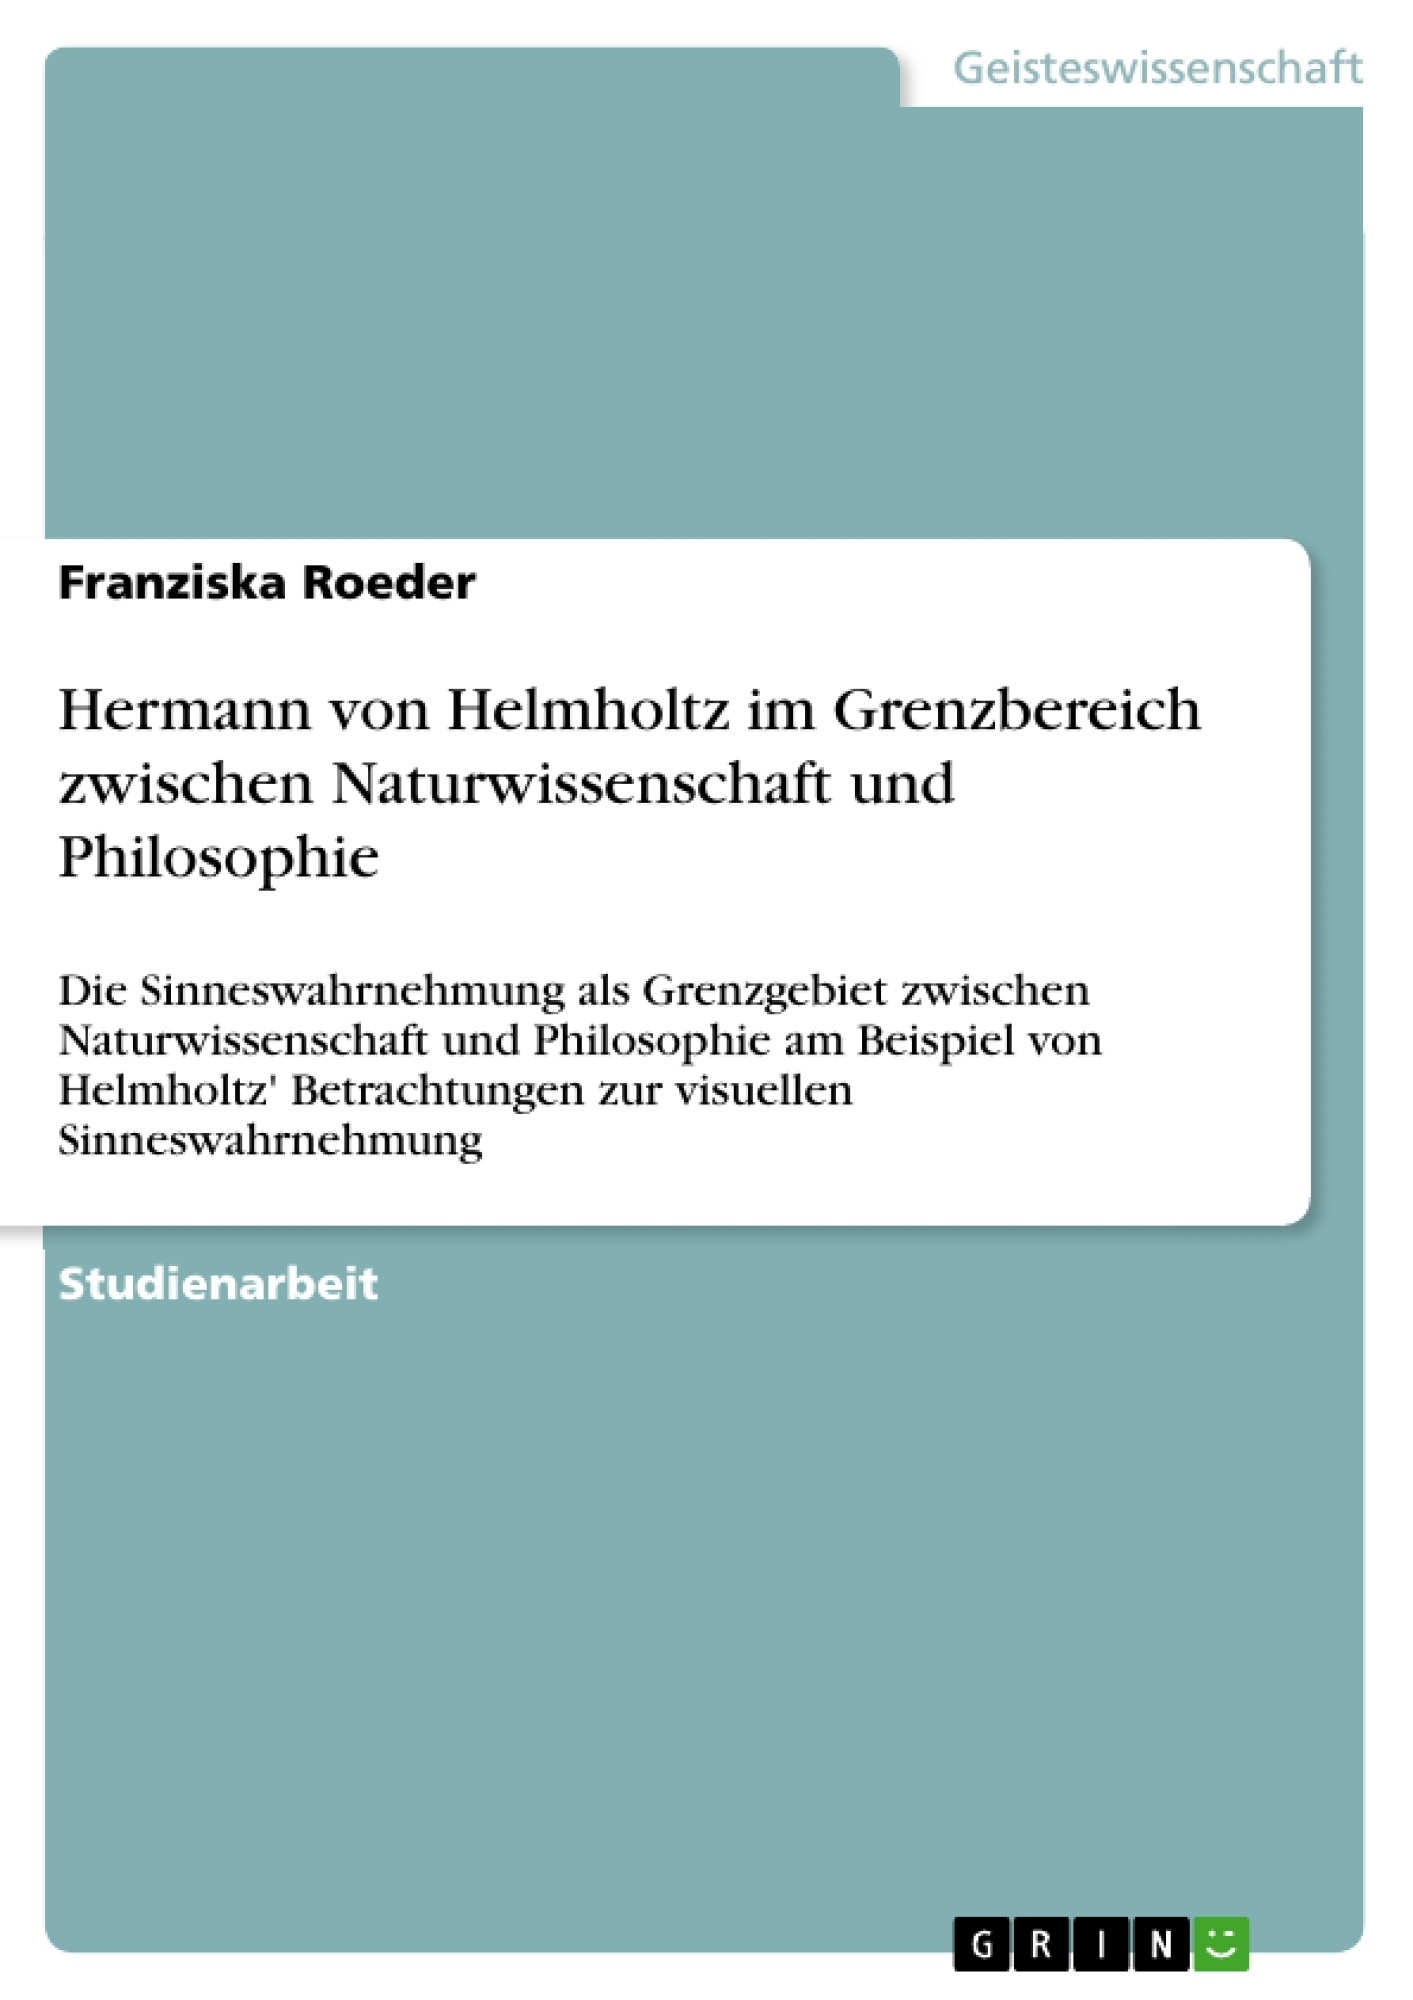 Titel: Hermann von Helmholtz im Grenzbereich zwischen Naturwissenschaft und Philosophie